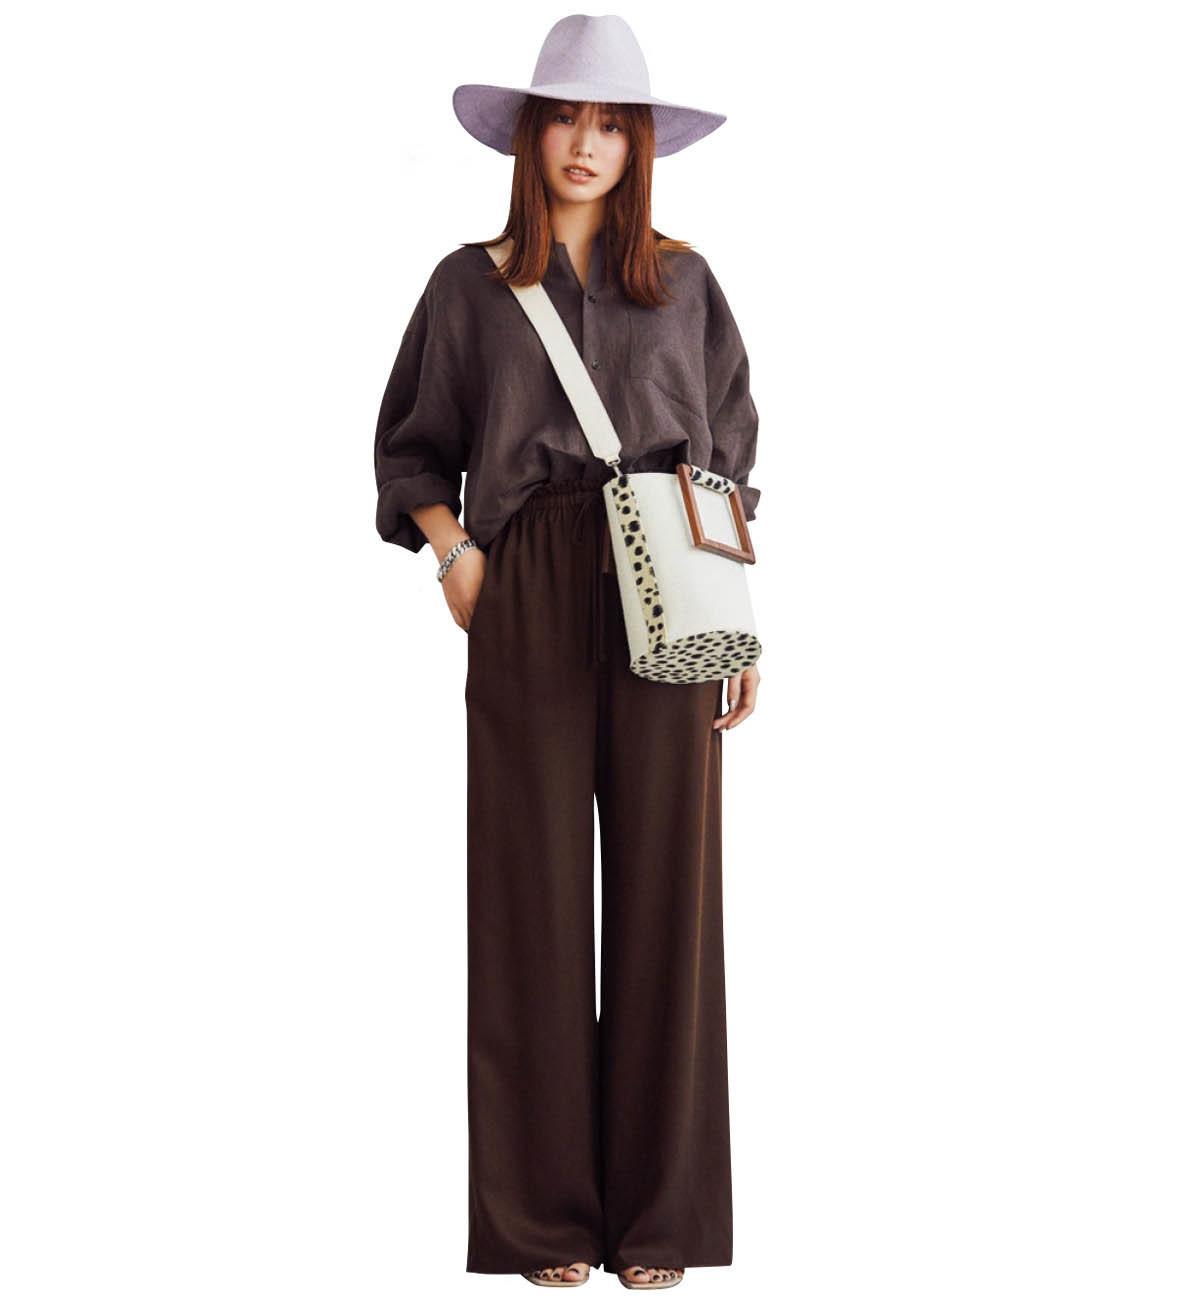 パープルの帽子×ブラウンのワントーンコーデを着たモデルの蛯原友里さん